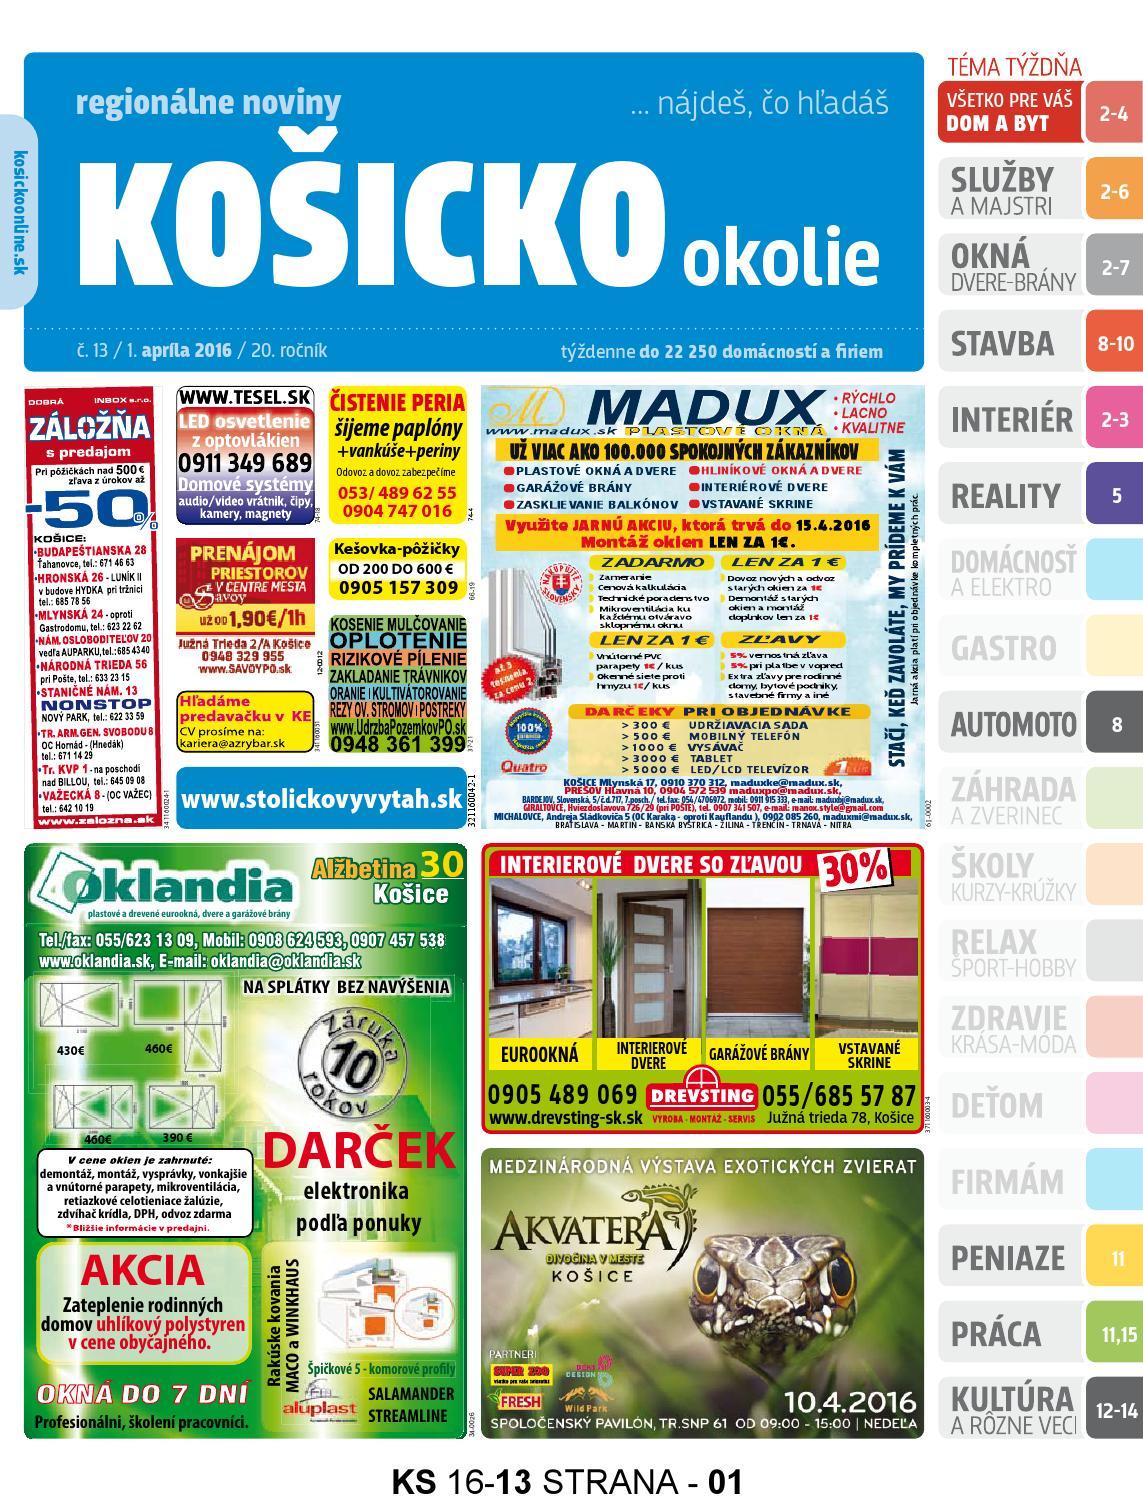 Zoznamka služby Helsinki